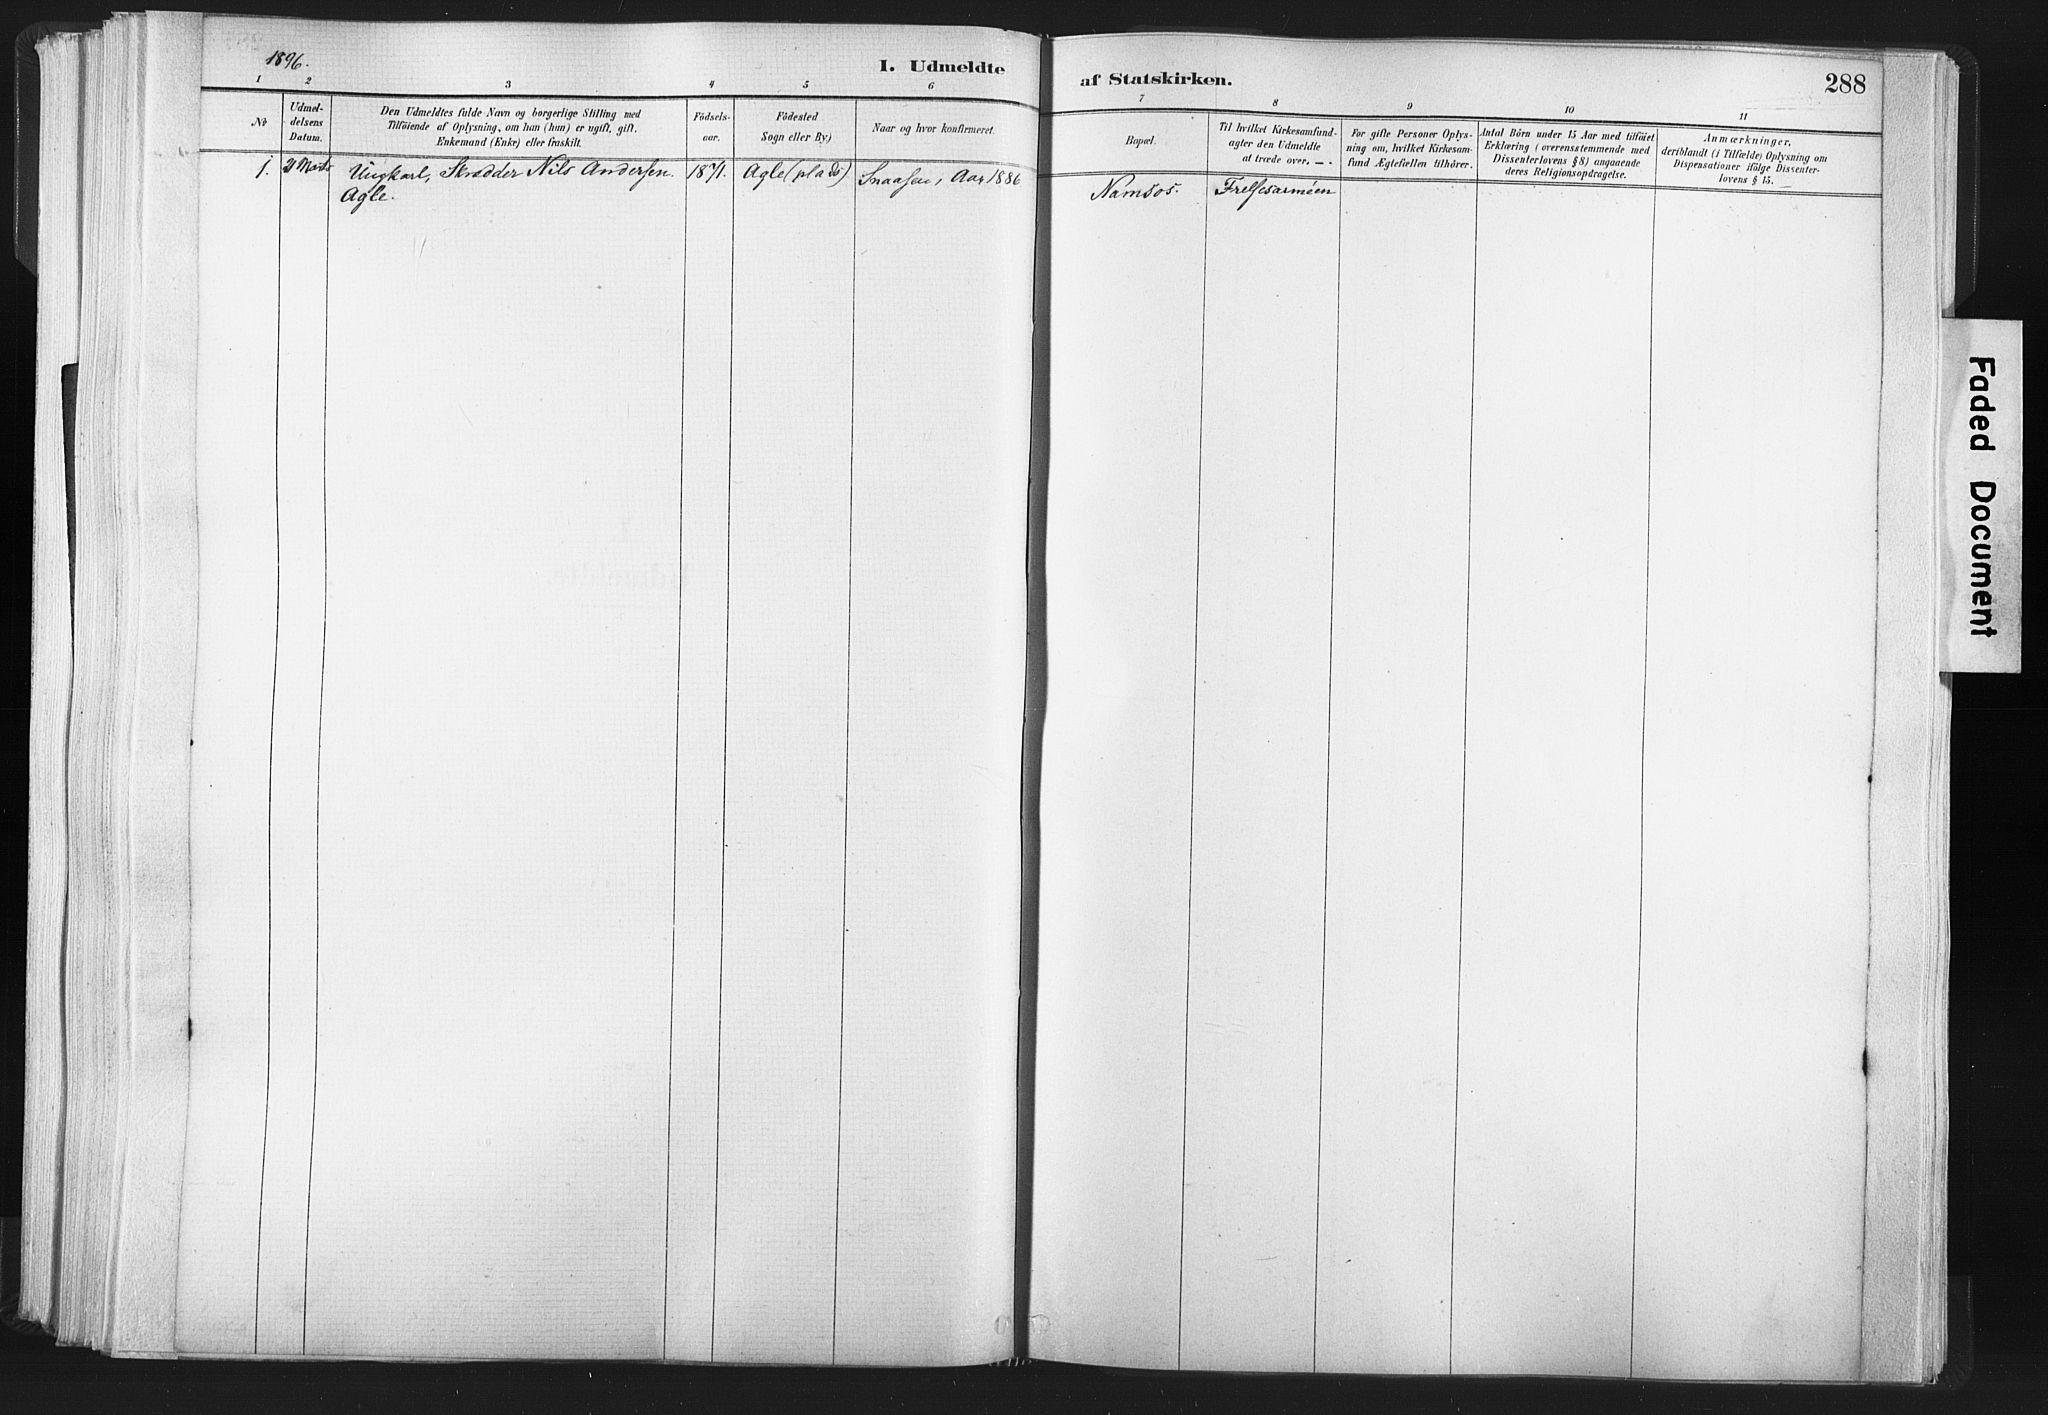 SAT, Ministerialprotokoller, klokkerbøker og fødselsregistre - Nord-Trøndelag, 749/L0474: Ministerialbok nr. 749A08, 1887-1903, s. 288